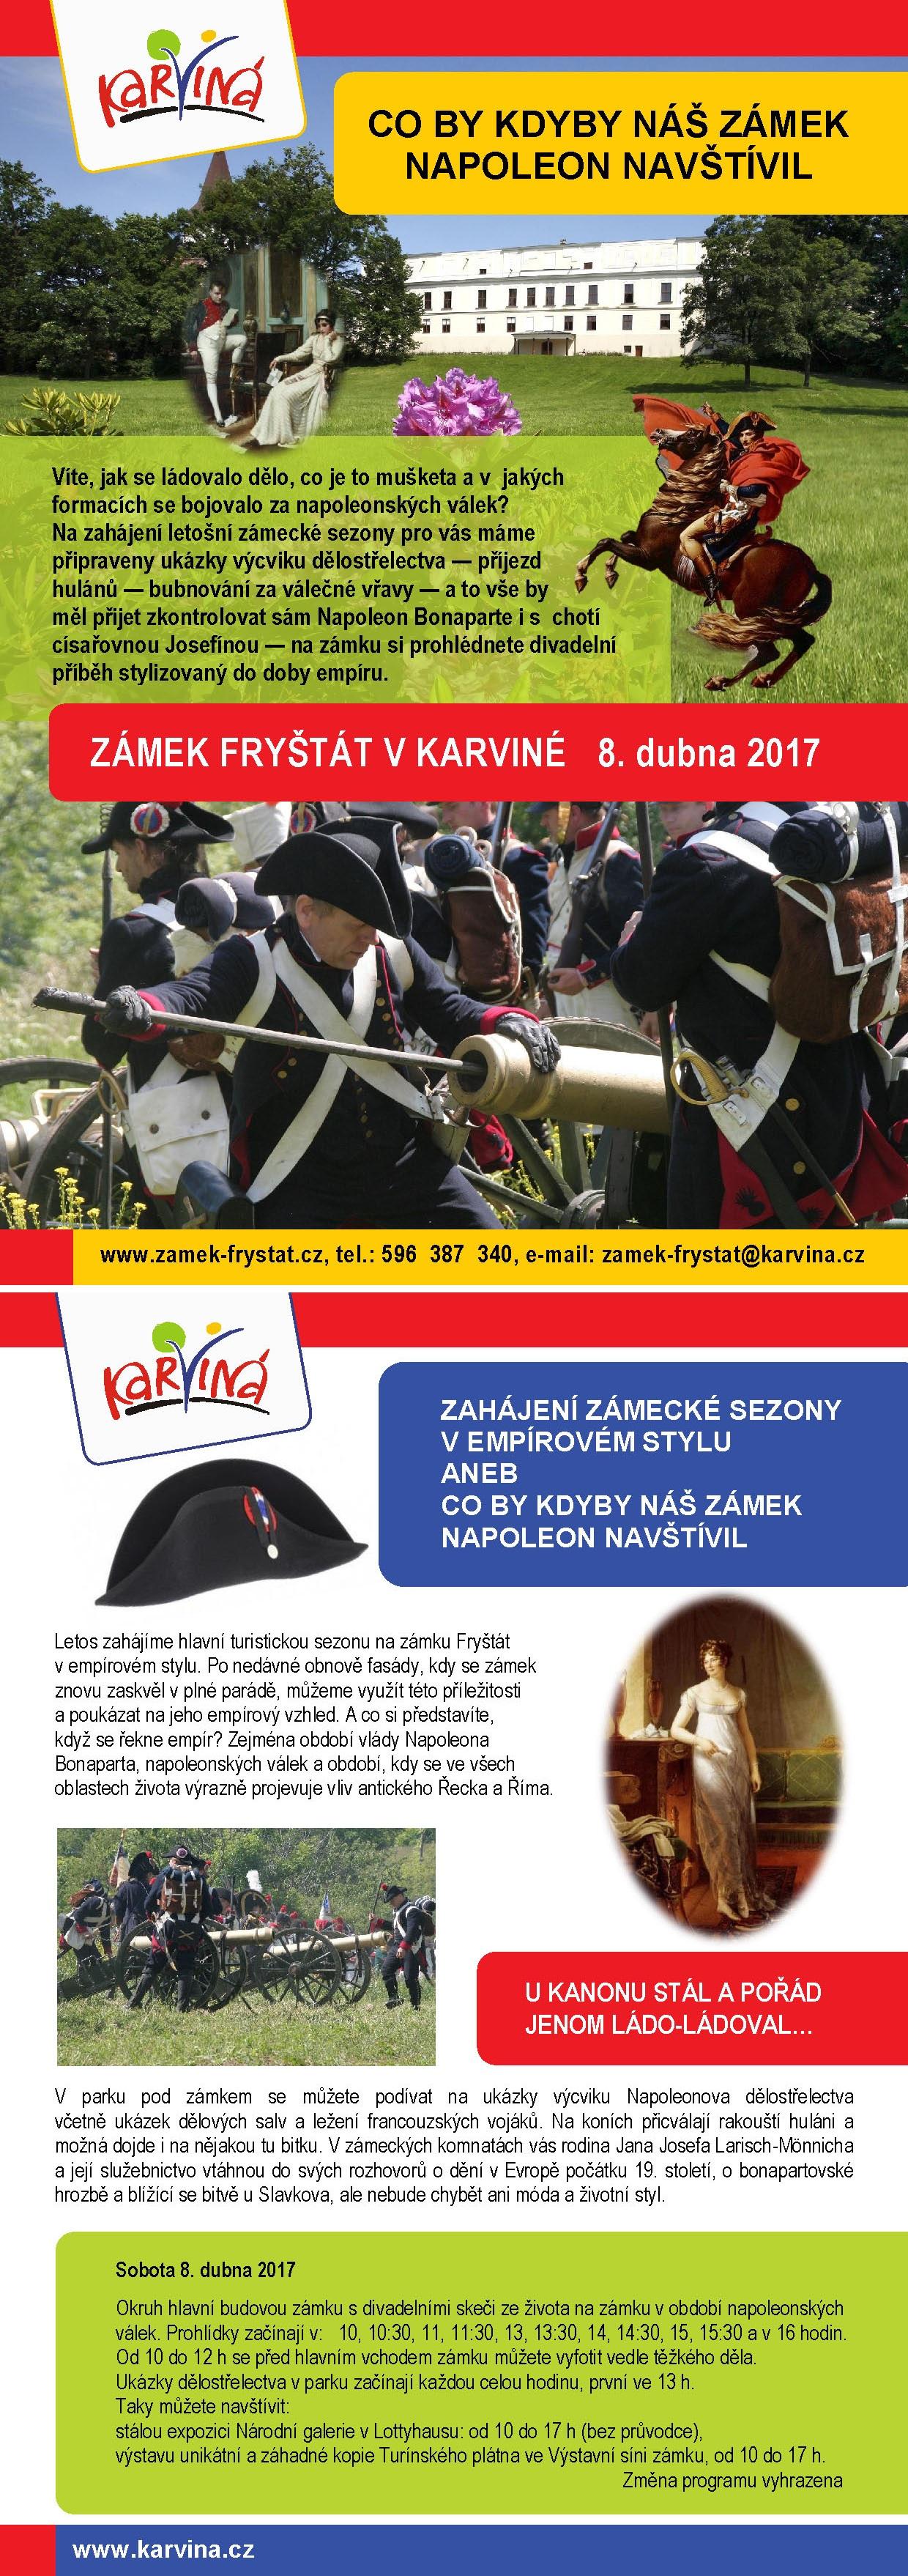 426-zahajeni-zamecke-sezony-2017-poradac-stranka-1.jpg